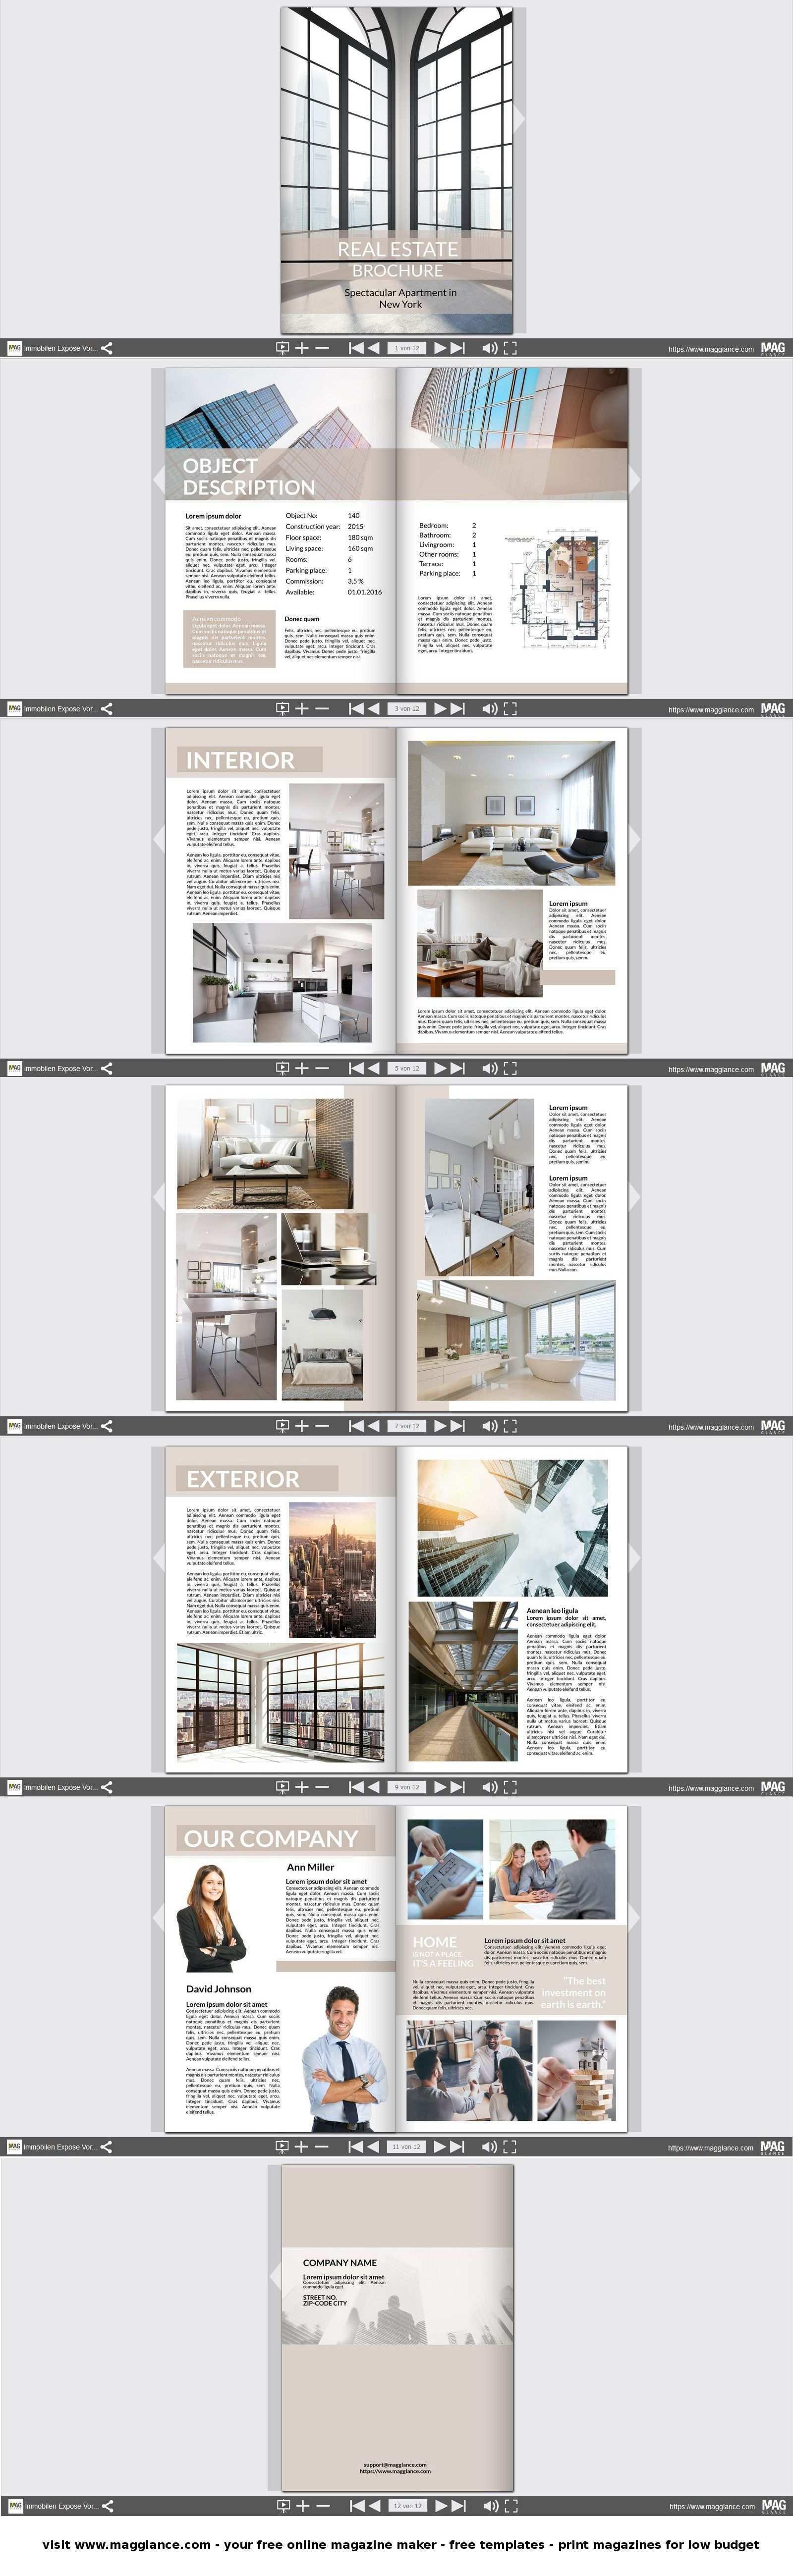 Immobilien Expose Kostenlos Online Erstellen Und Gunstig Drucken Unter De Magglance Com Immobilien Expose Wohnen Immo Expose Immobilien Immobilien Broschure